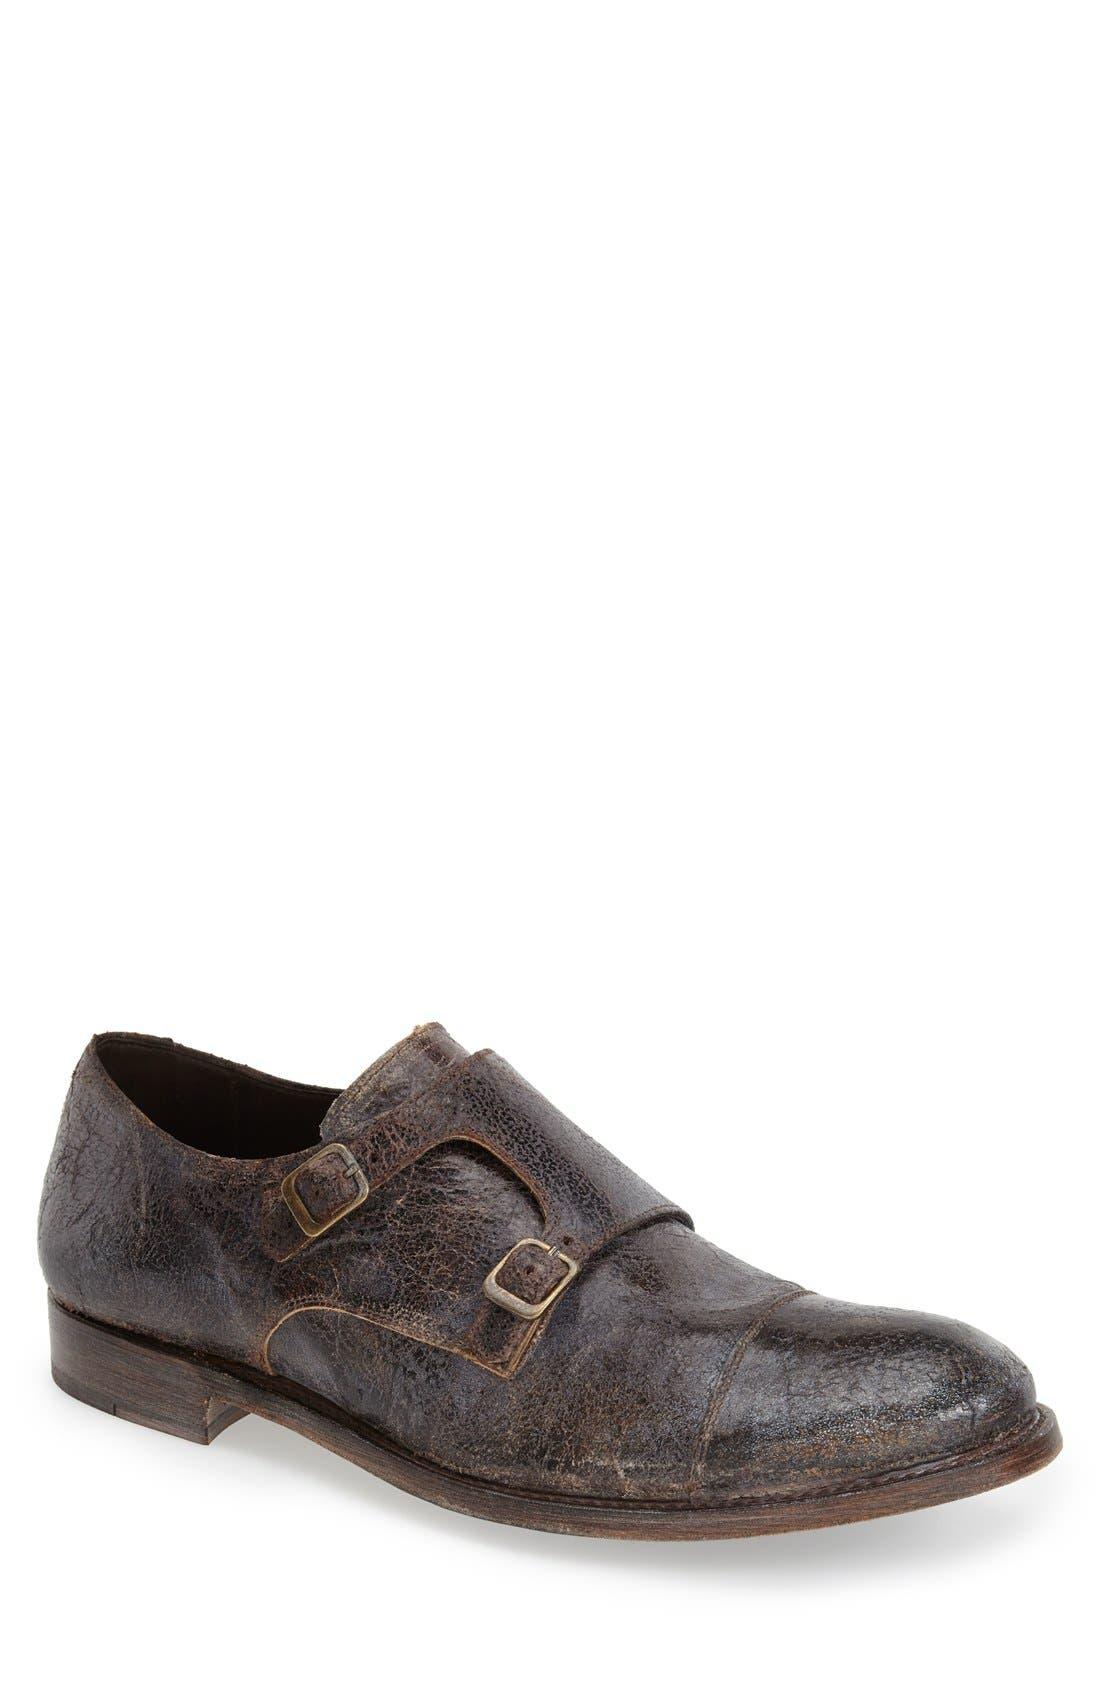 Boots 'Friar Tuk' Double Monk Strap Shoe,                             Main thumbnail 1, color,                             200